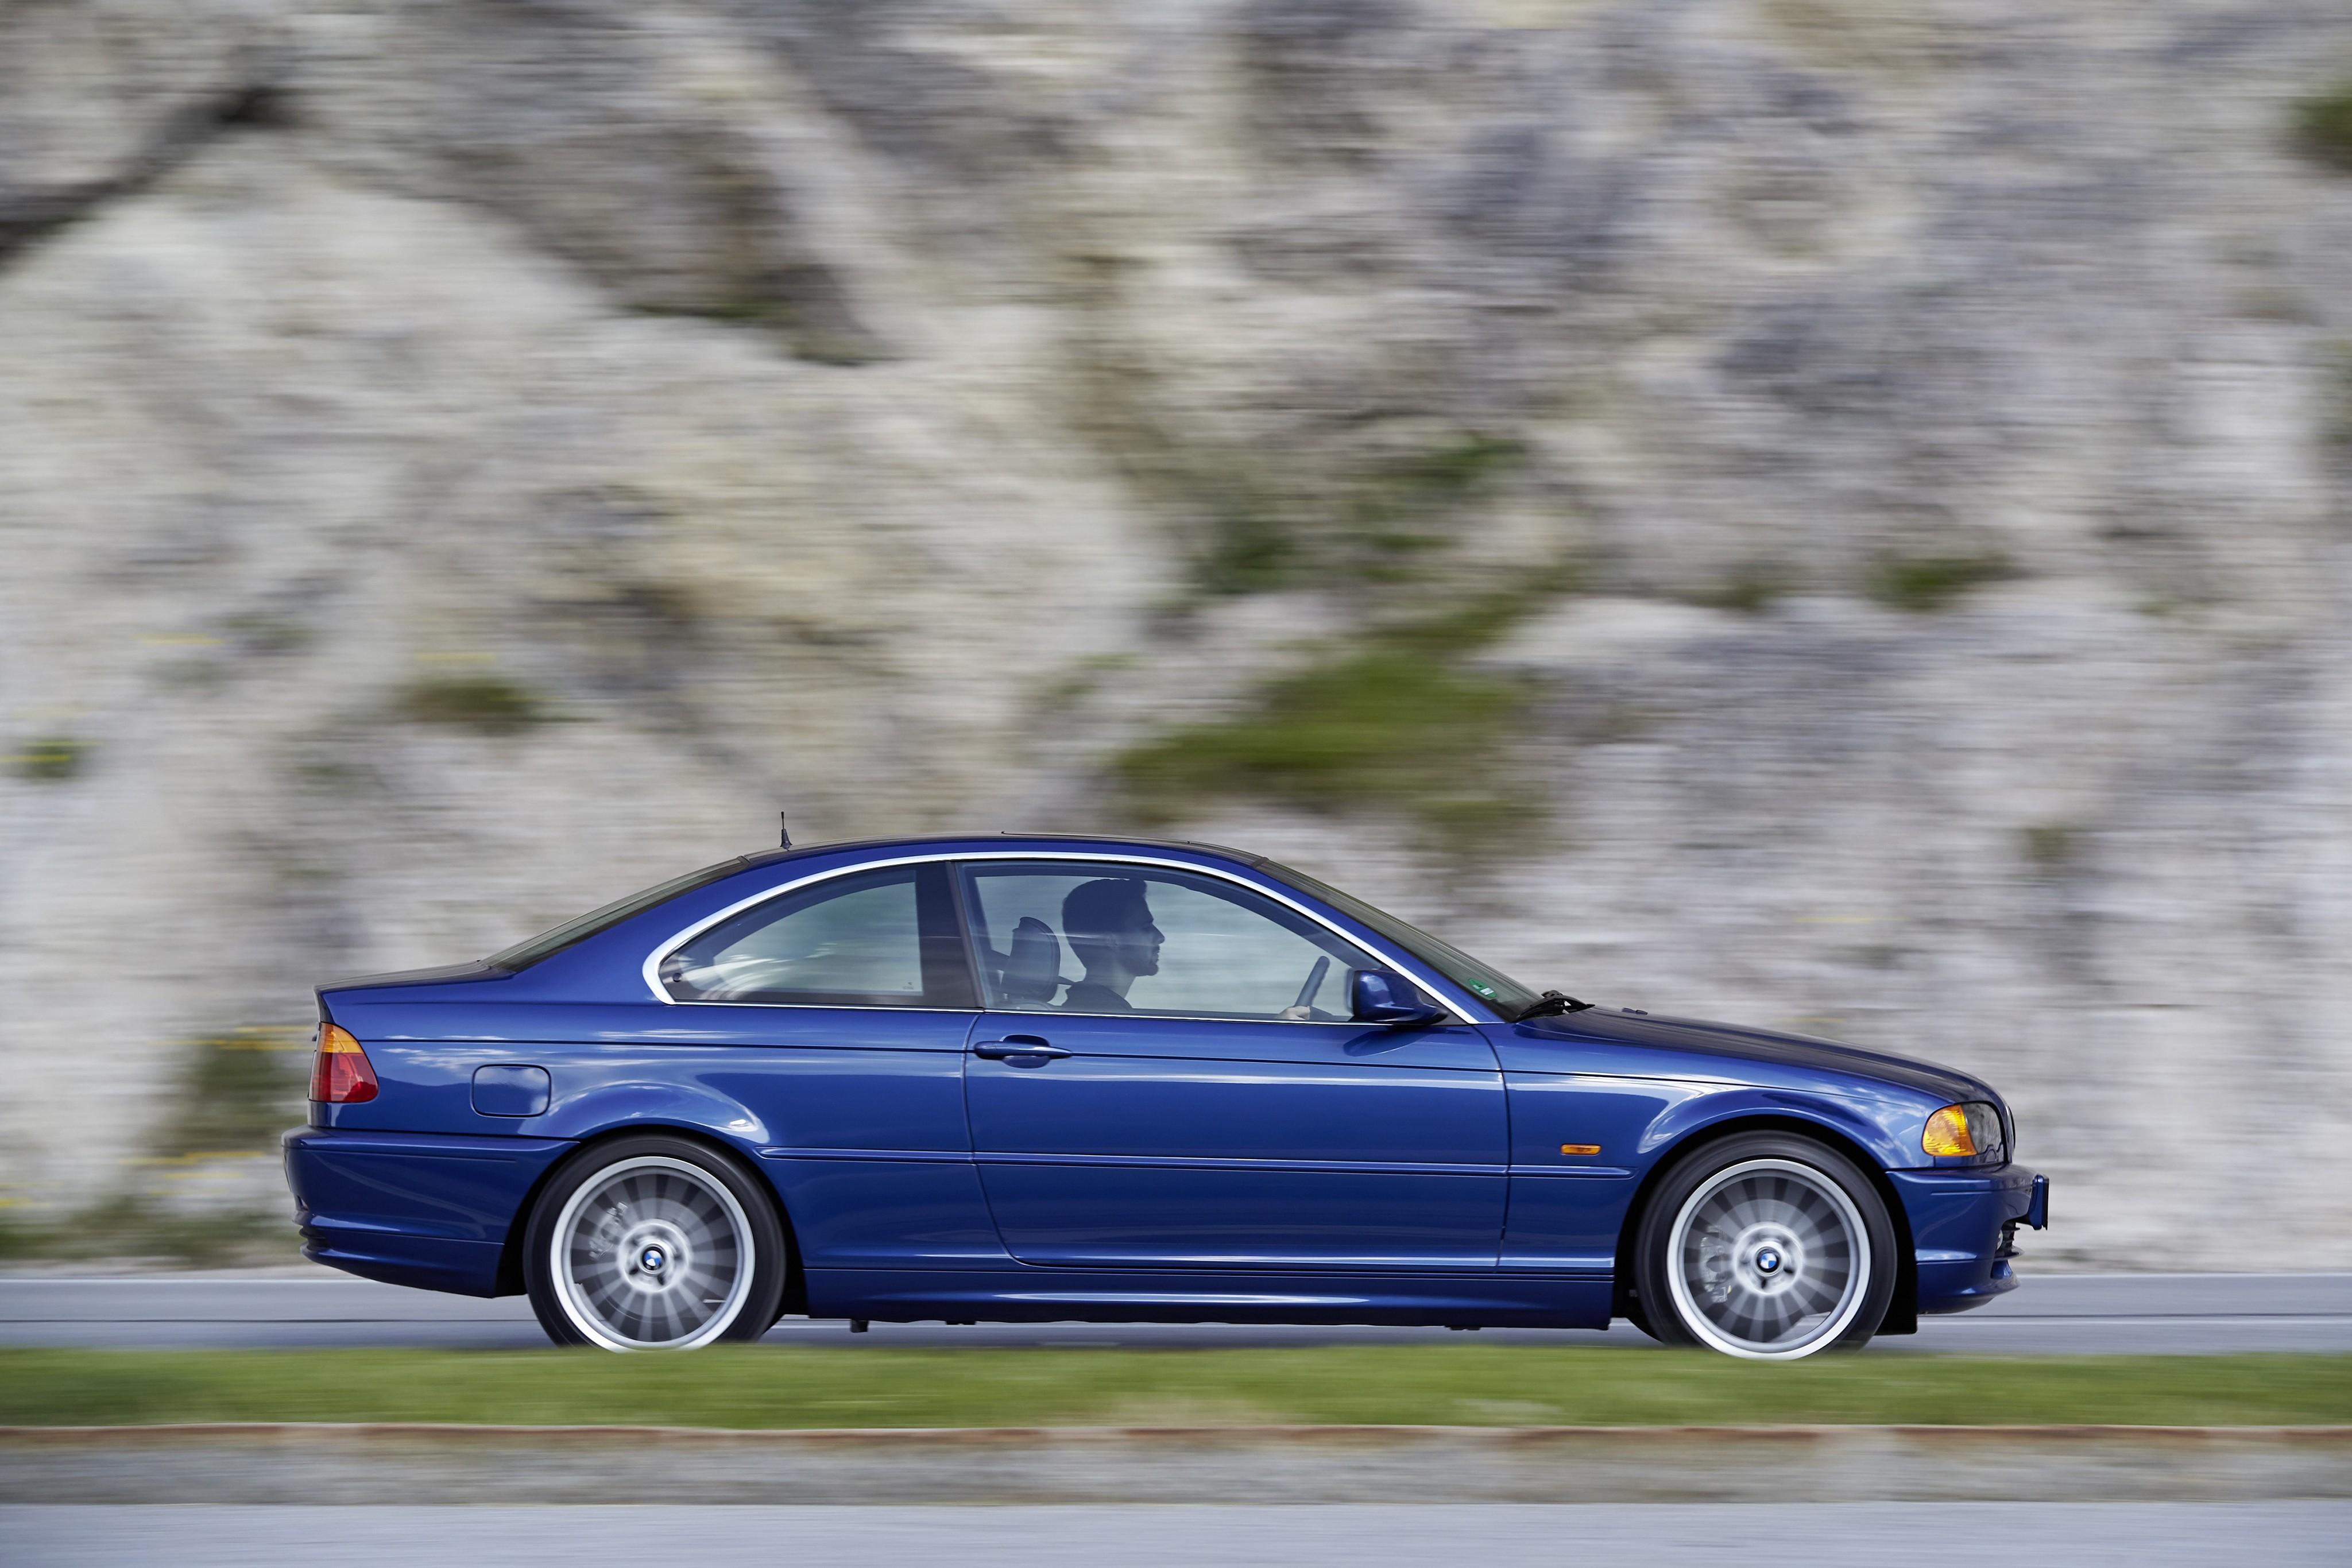 Bmw 3 Series Coupe  E46  - 1999  2000  2001  2002  2003